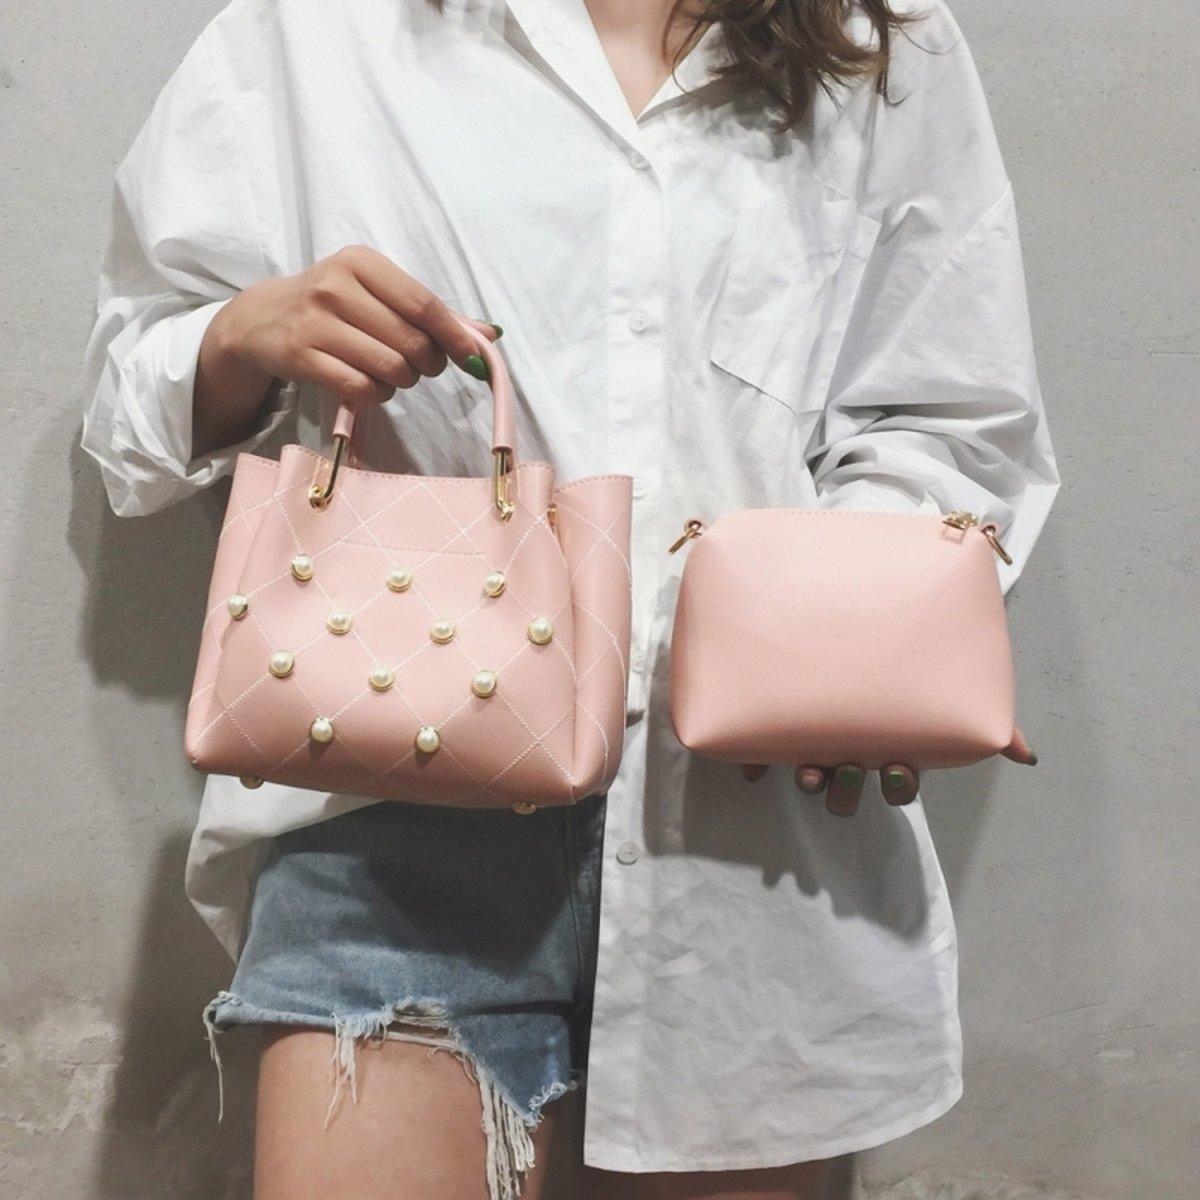 2 in 1 PU lederen schoudertas dames handtas messengertas (roze)